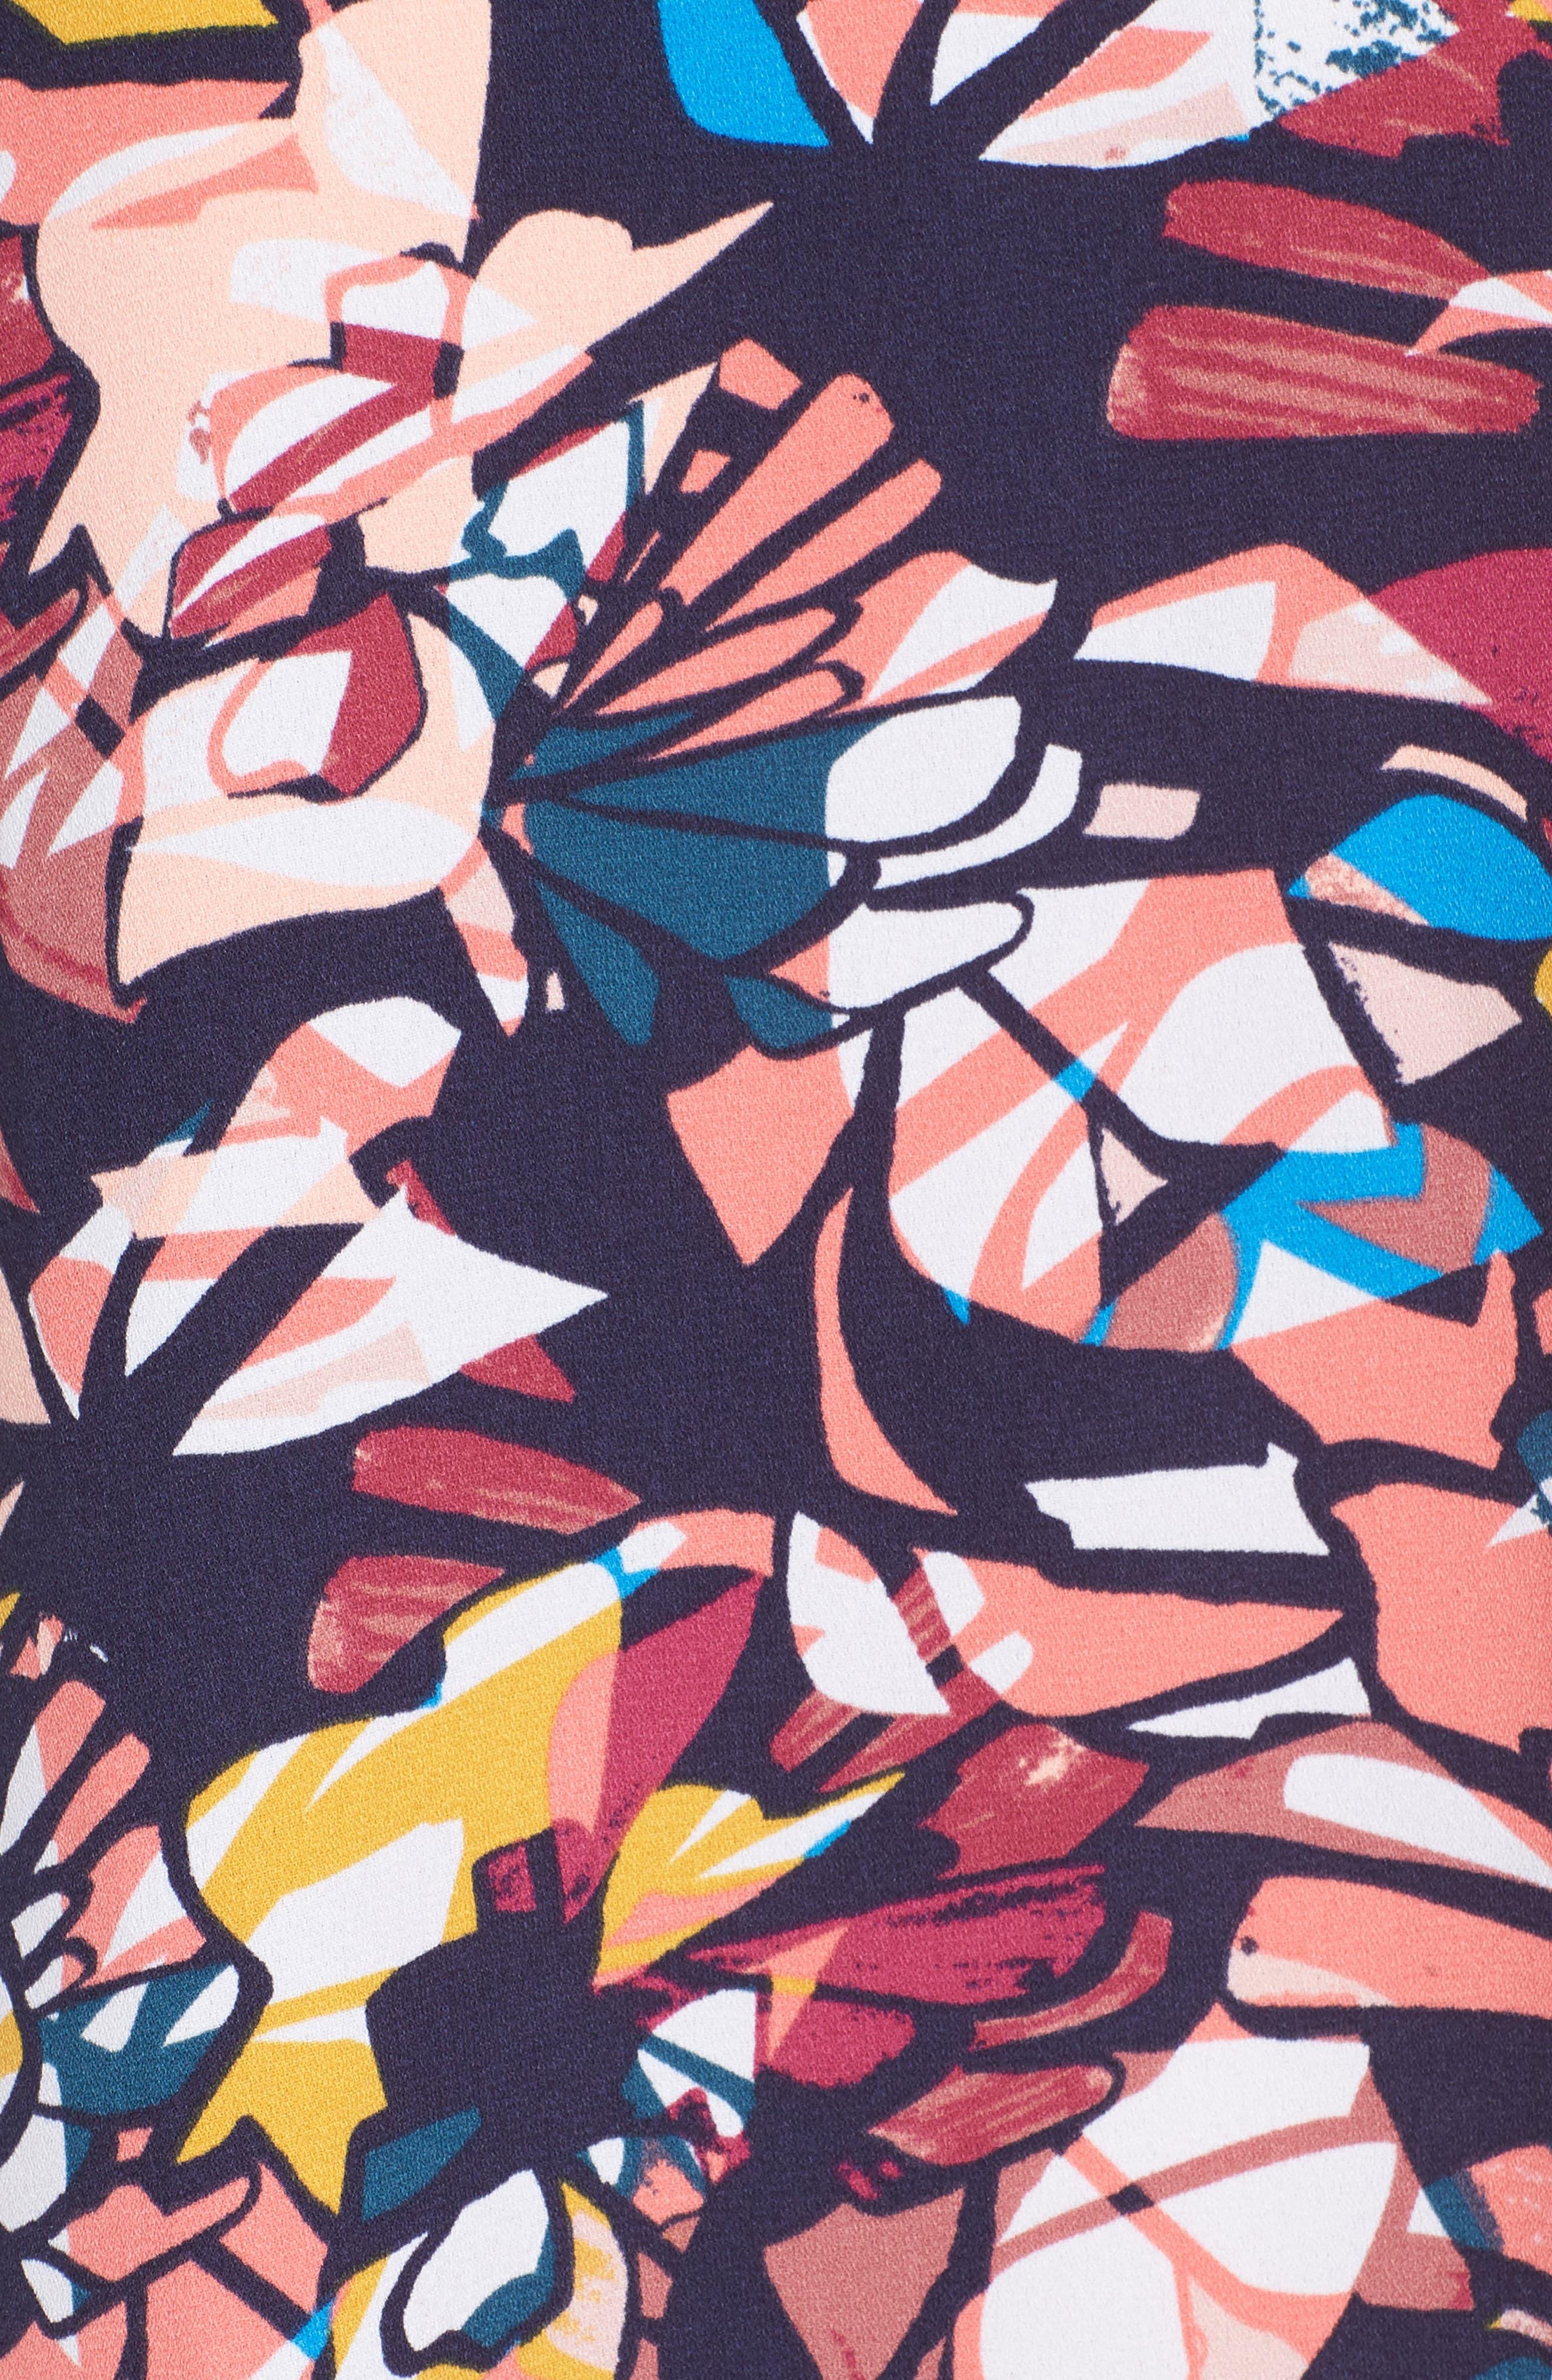 A-Line Dress,                             Alternate thumbnail 118, color,